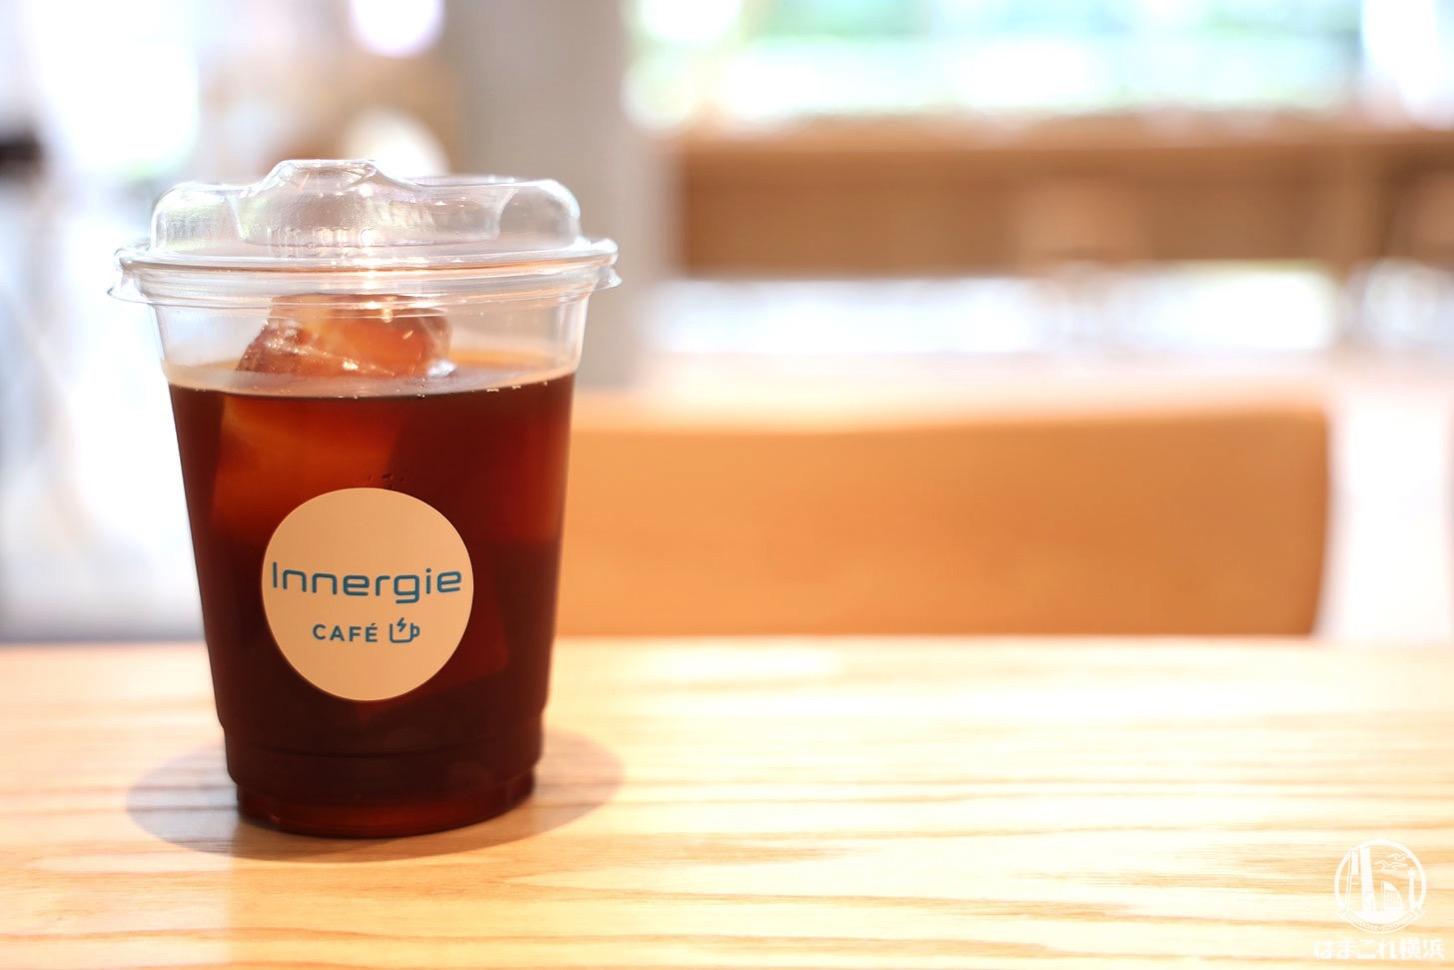 横浜「Innergie CAFÉ」はオニバスコーヒー飲める希少カフェ!電源席多数、EV充電スタンドも